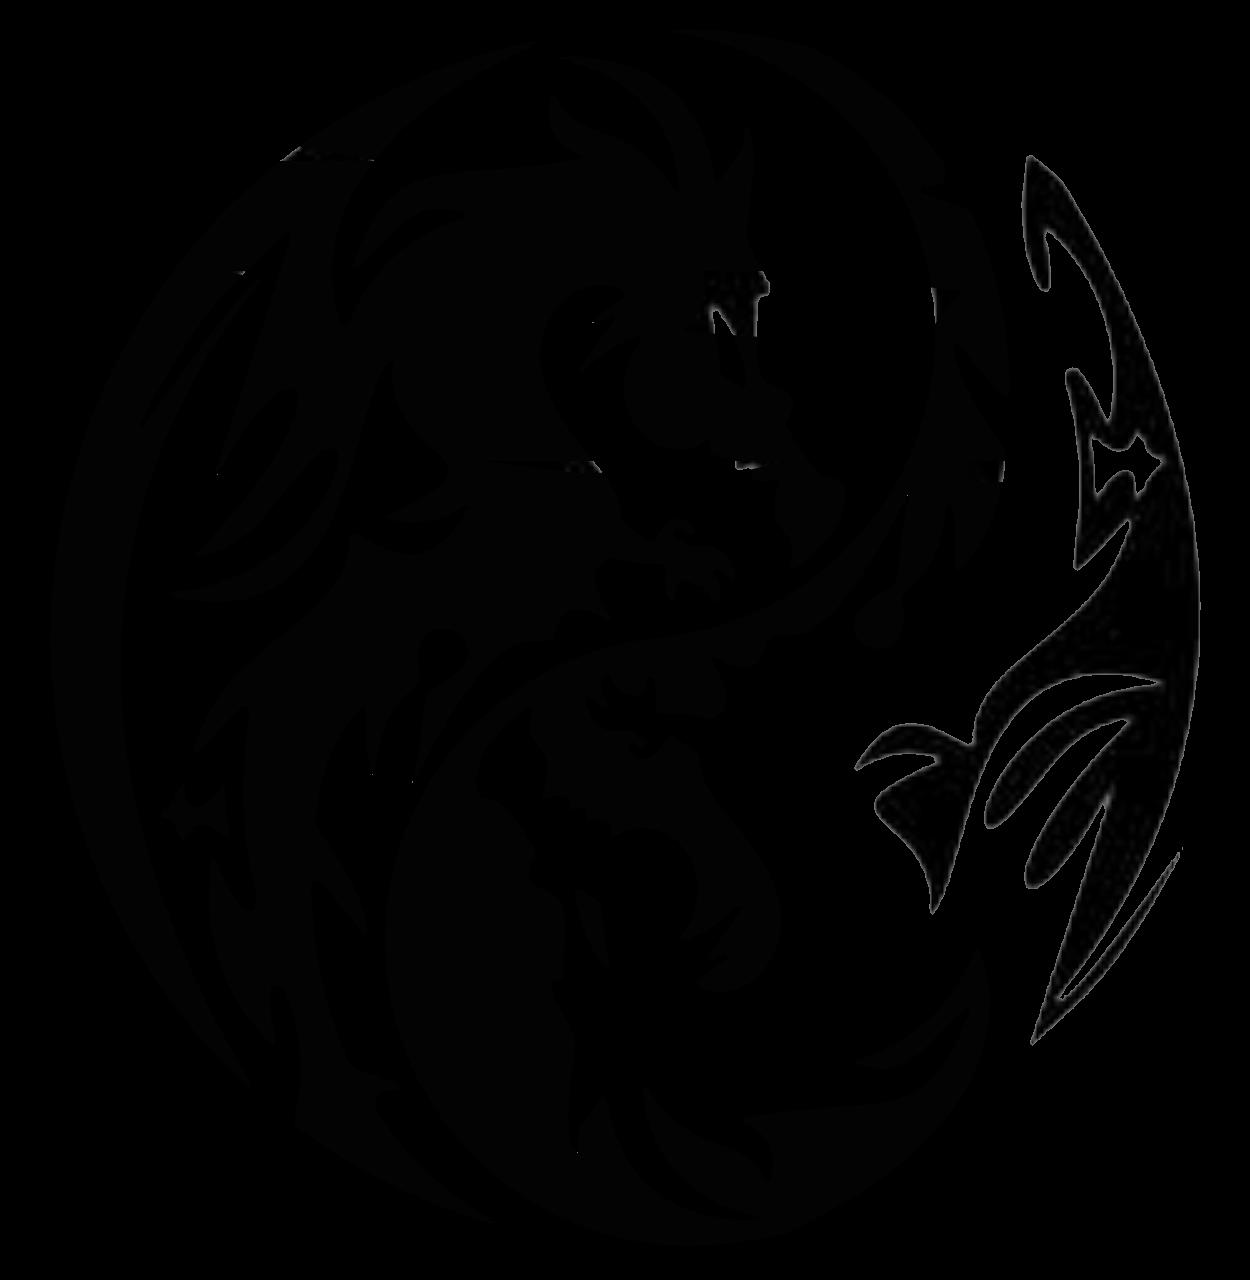 Dragon clipart avatar. Kgmnt spirit by sonichannah